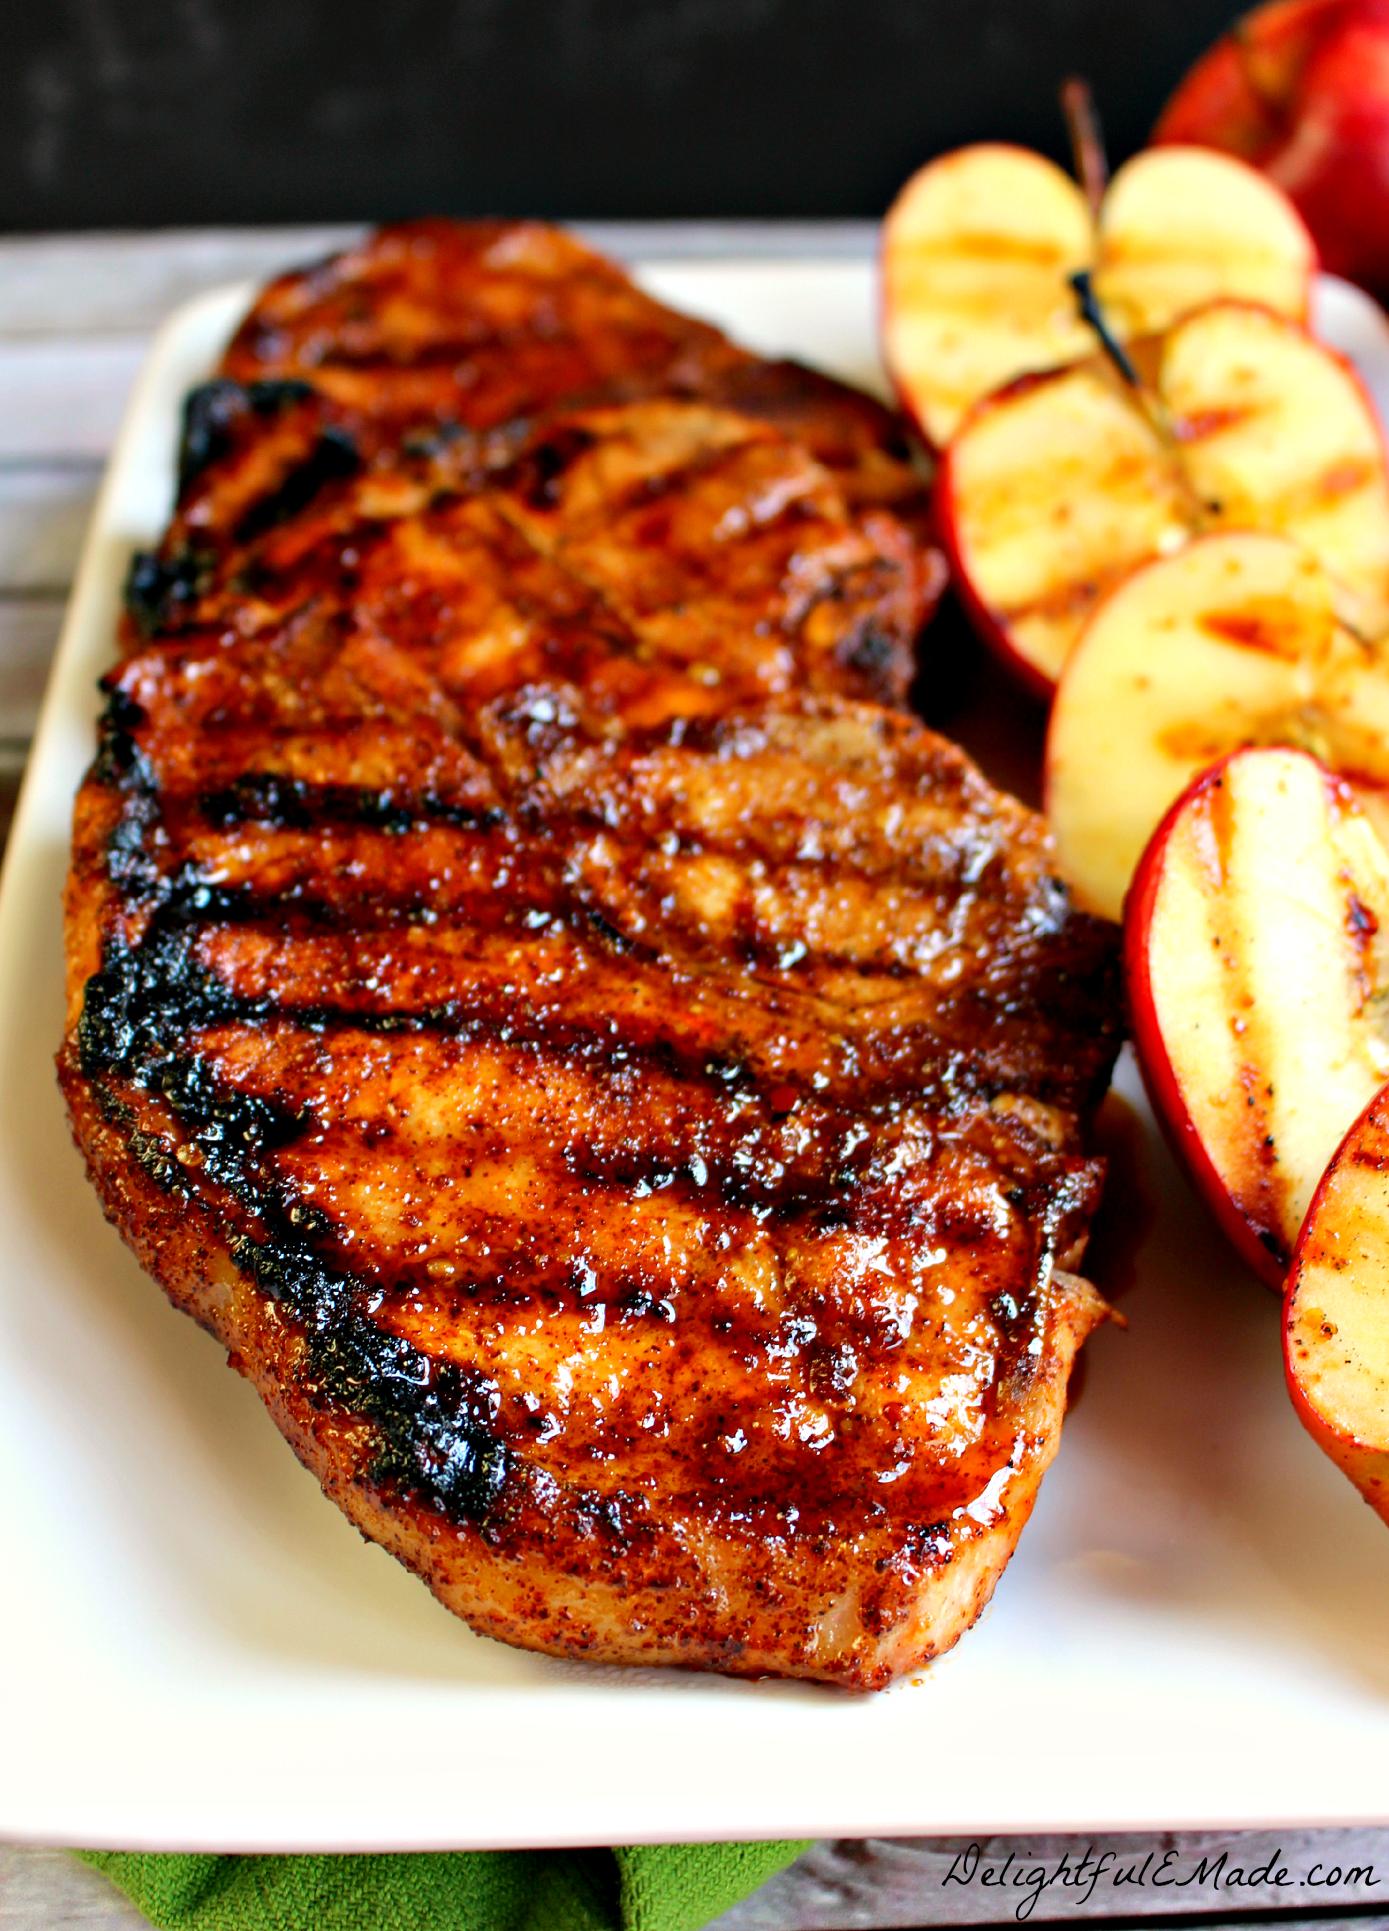 Different ways to cook pork chops - 1000 Images About Pork Recipes On Pinterest Glazed Pork Glaze And Glazed Pork Chops